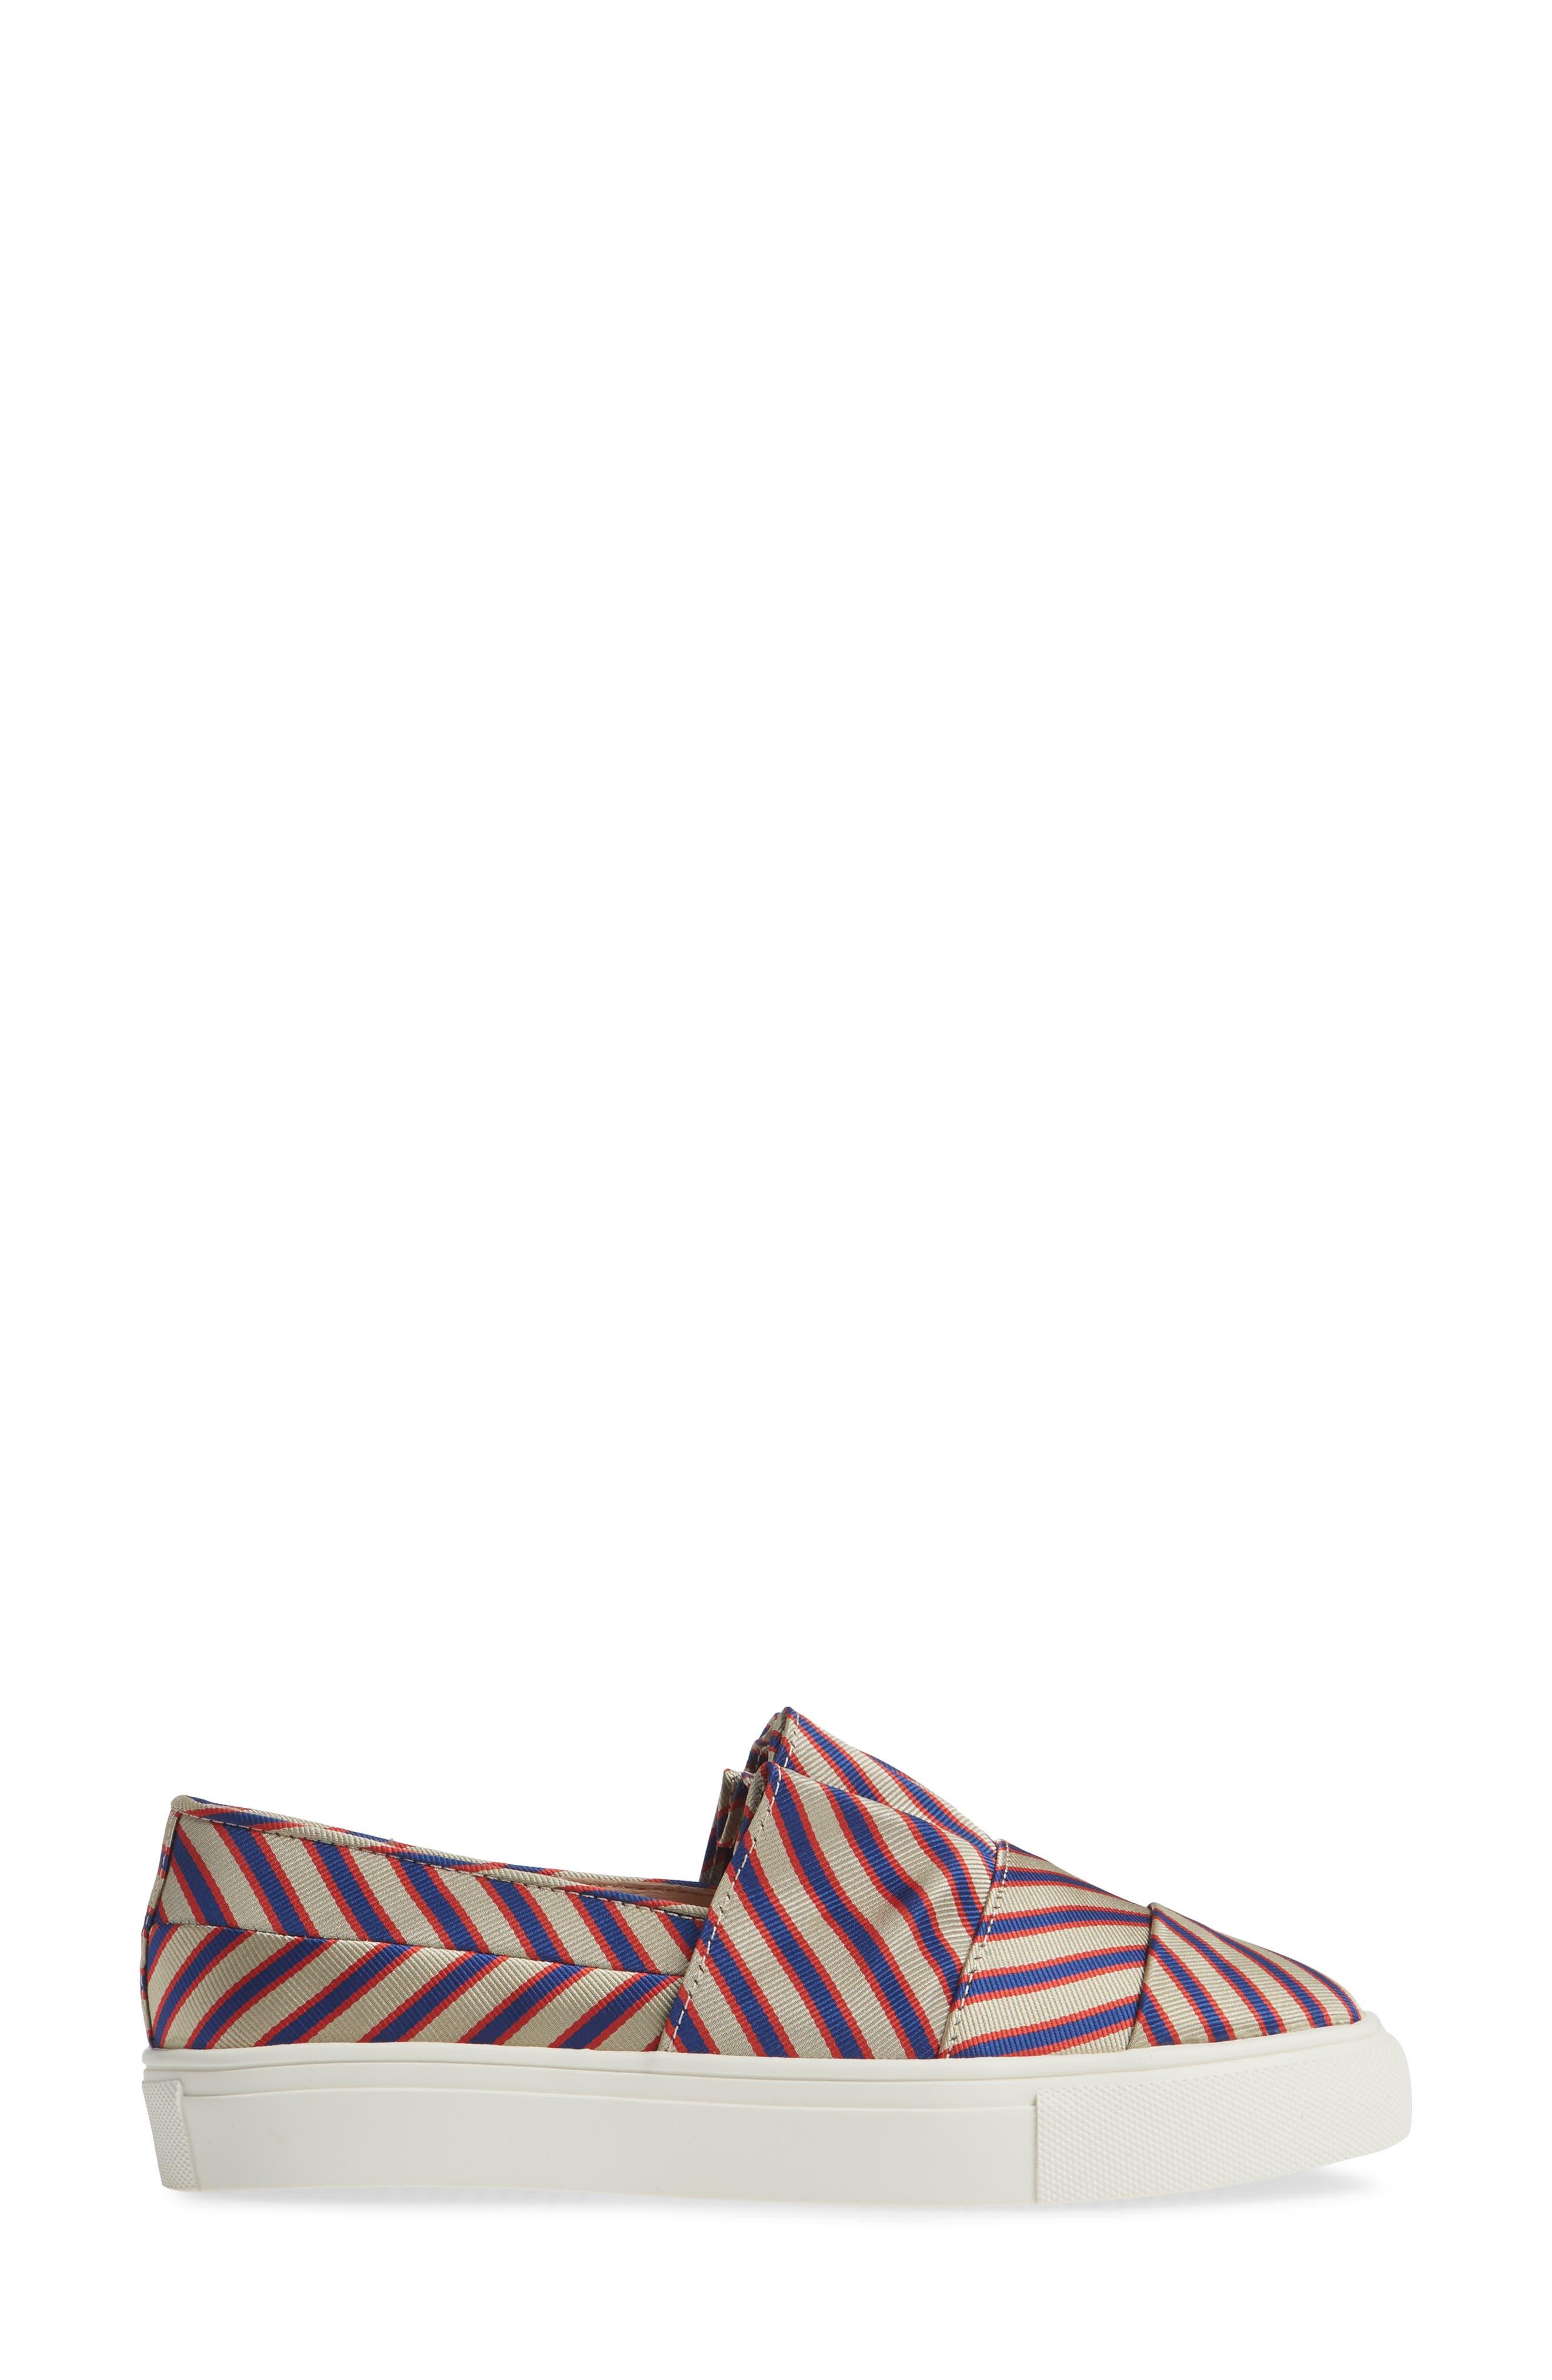 Rooney Slip-On Sneaker,                             Alternate thumbnail 3, color,                             RED/ WHITE/ BLUE FABRIC